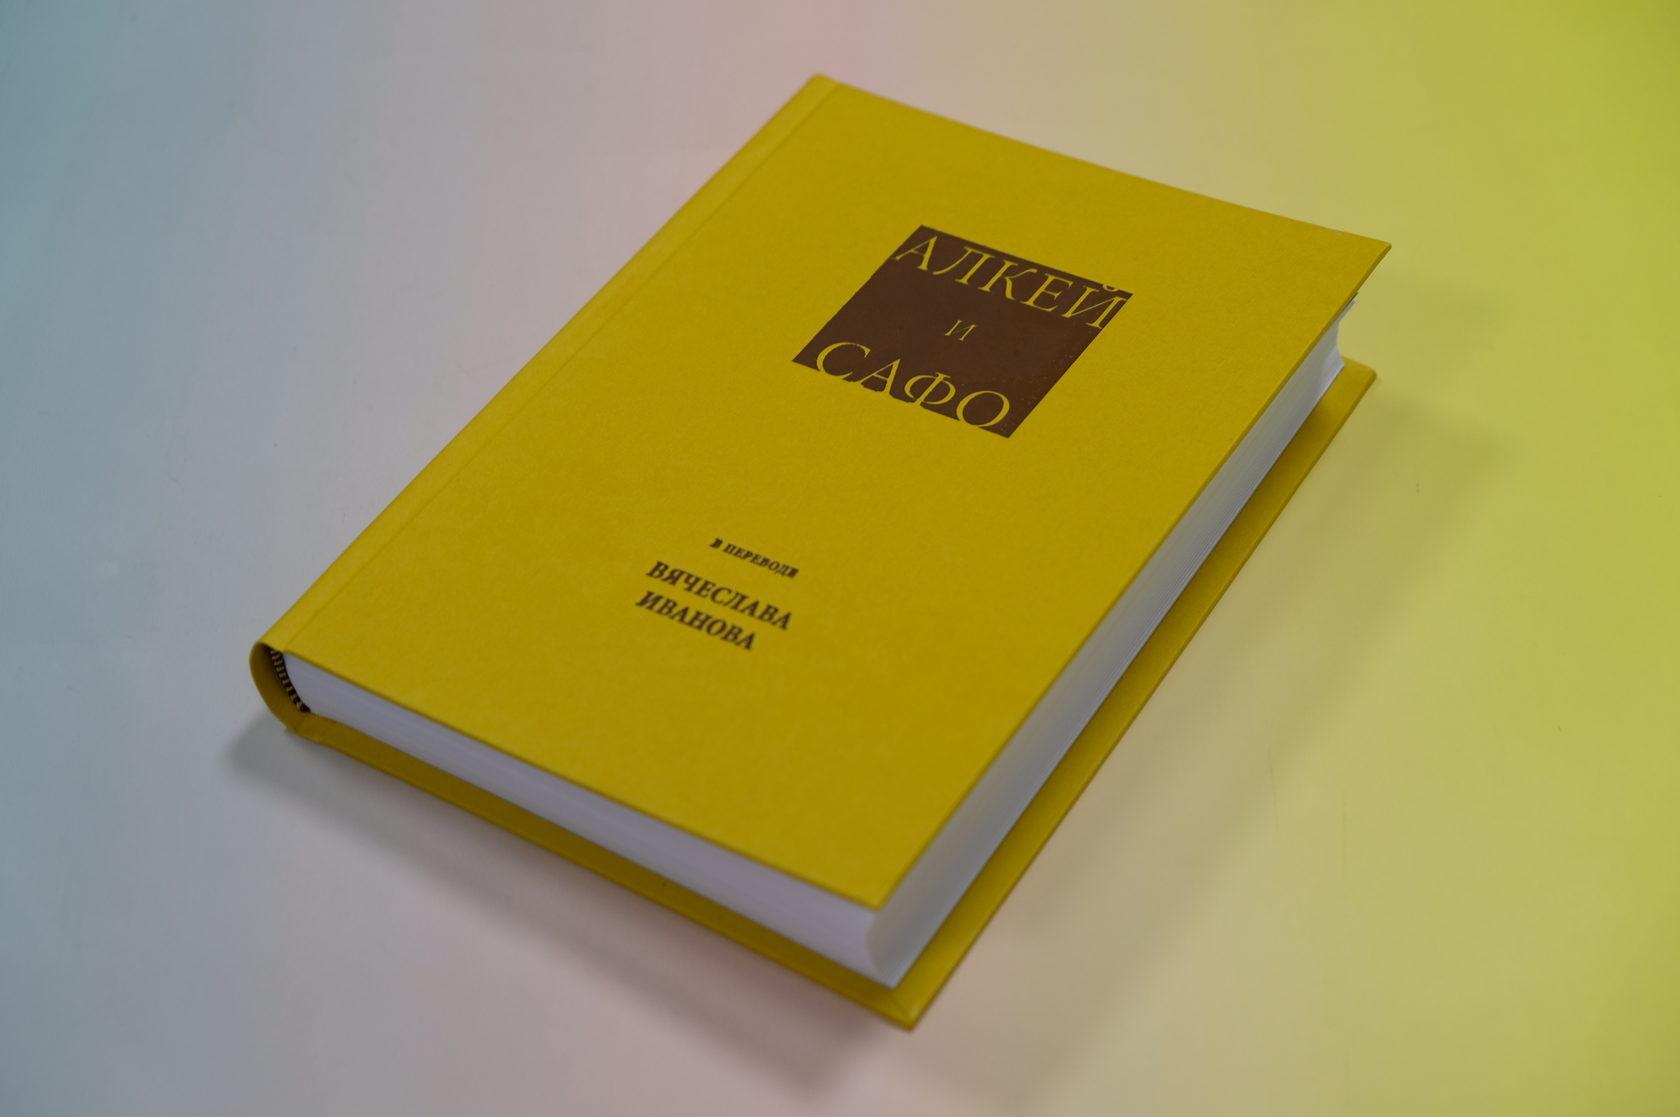 «Алкей и Сафо», 978-5-87990-134-3